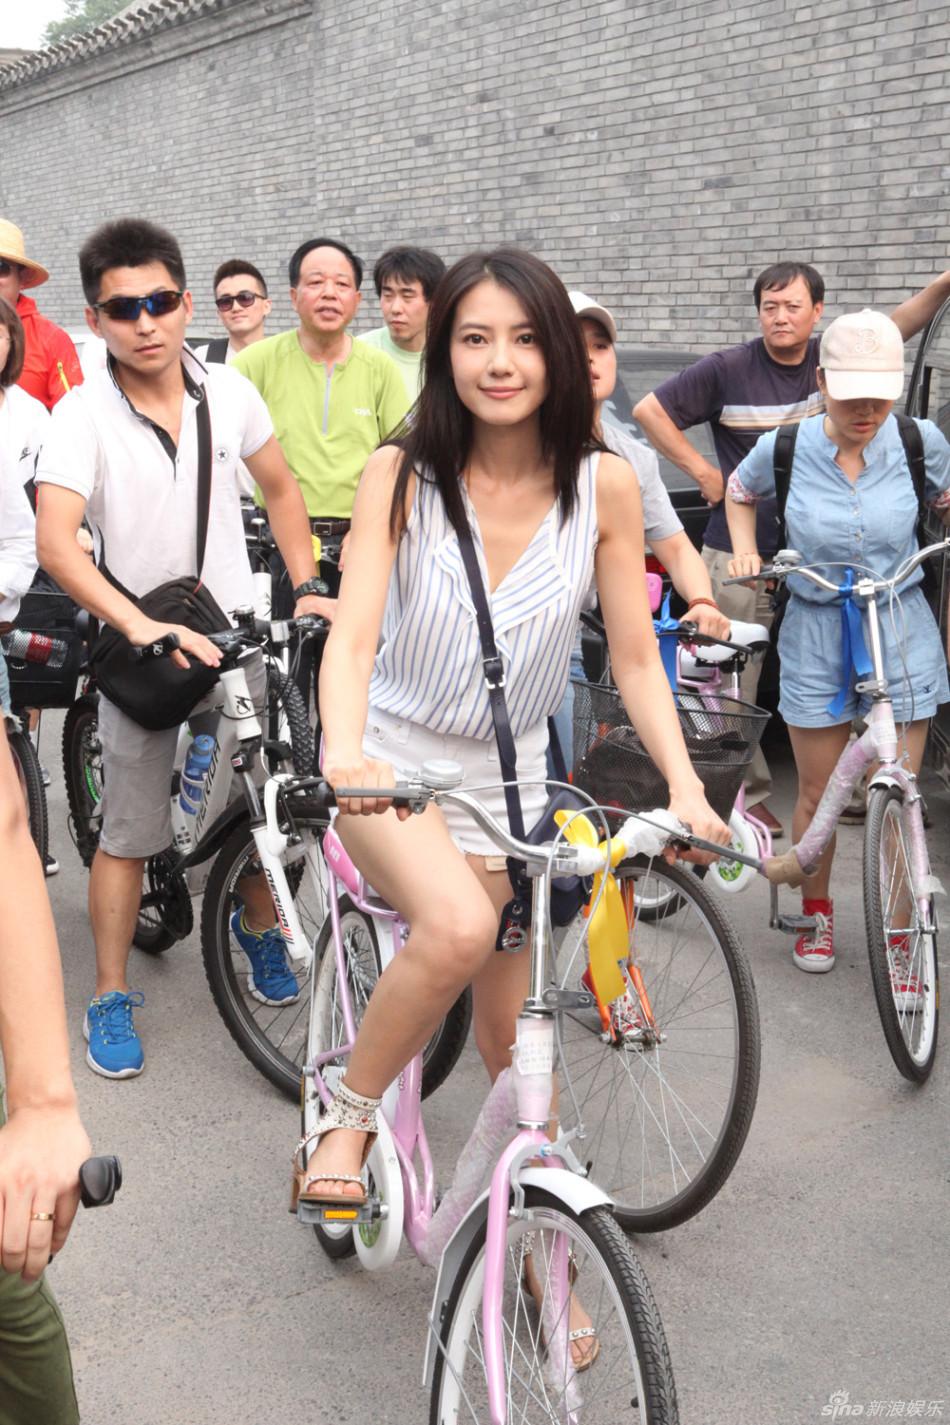 http://www.sinaimg.cn/dy/slidenews/4_img/2013_28/704_1022949_888878.jpg